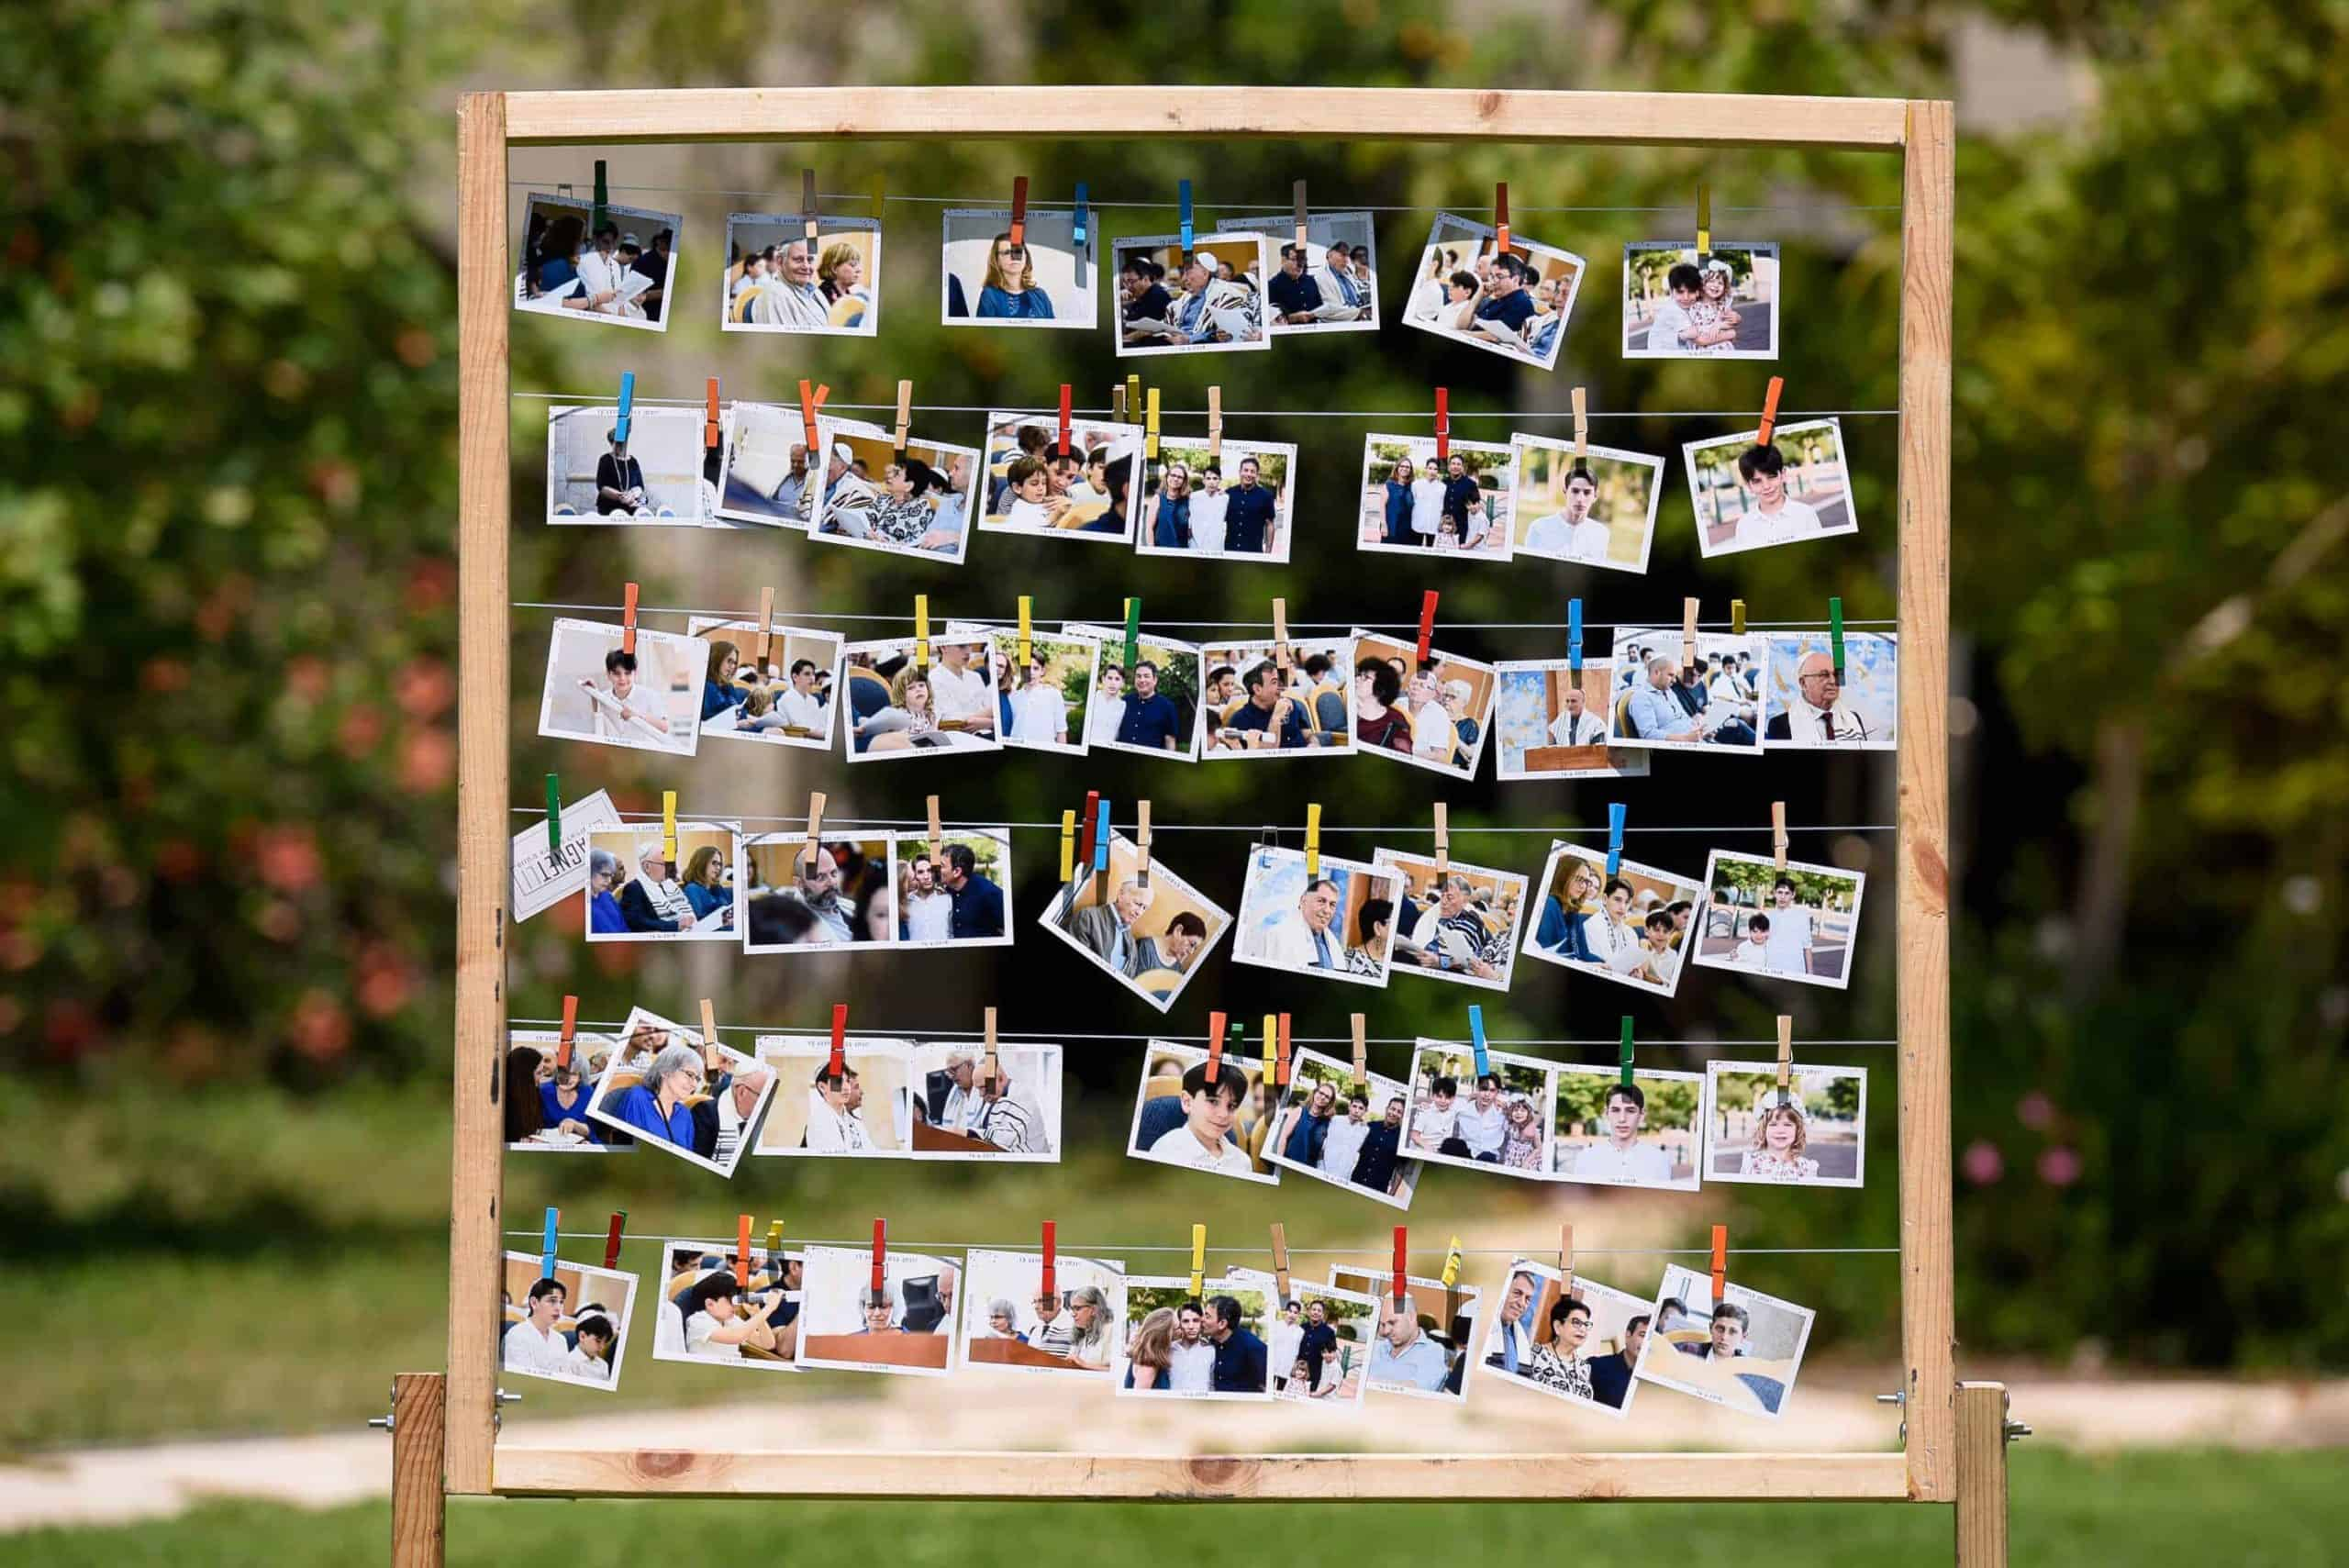 צלם מגנטים לאירועים | מגנטים לחתונה | מגנטים לאירועים | צילום מגנטים לאירועים